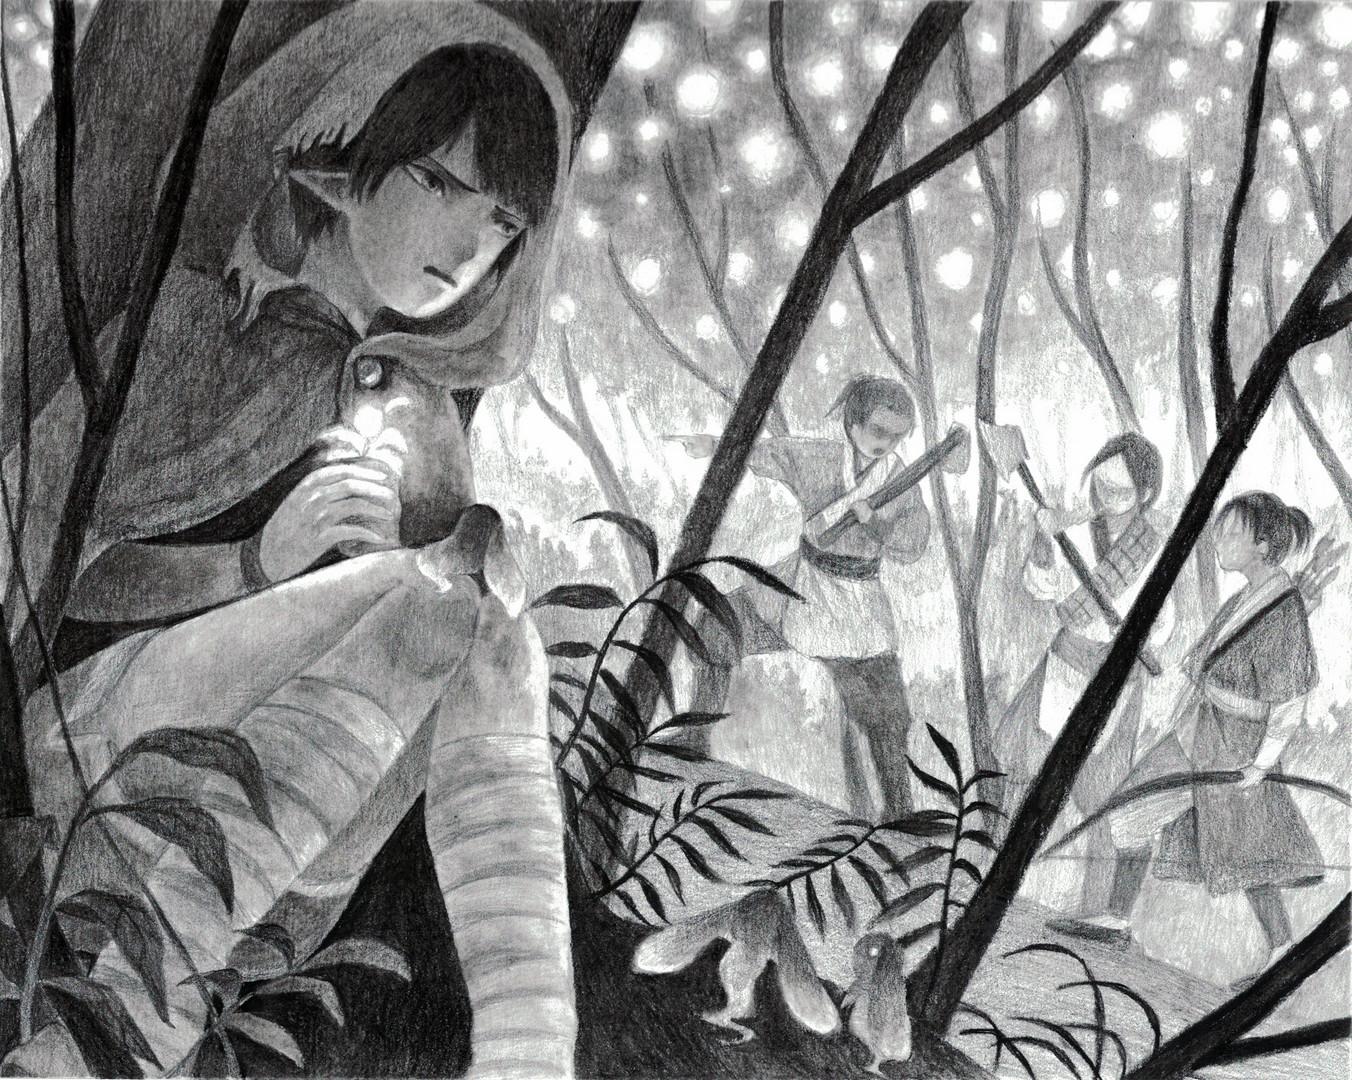 chasing_fairytale.jpg